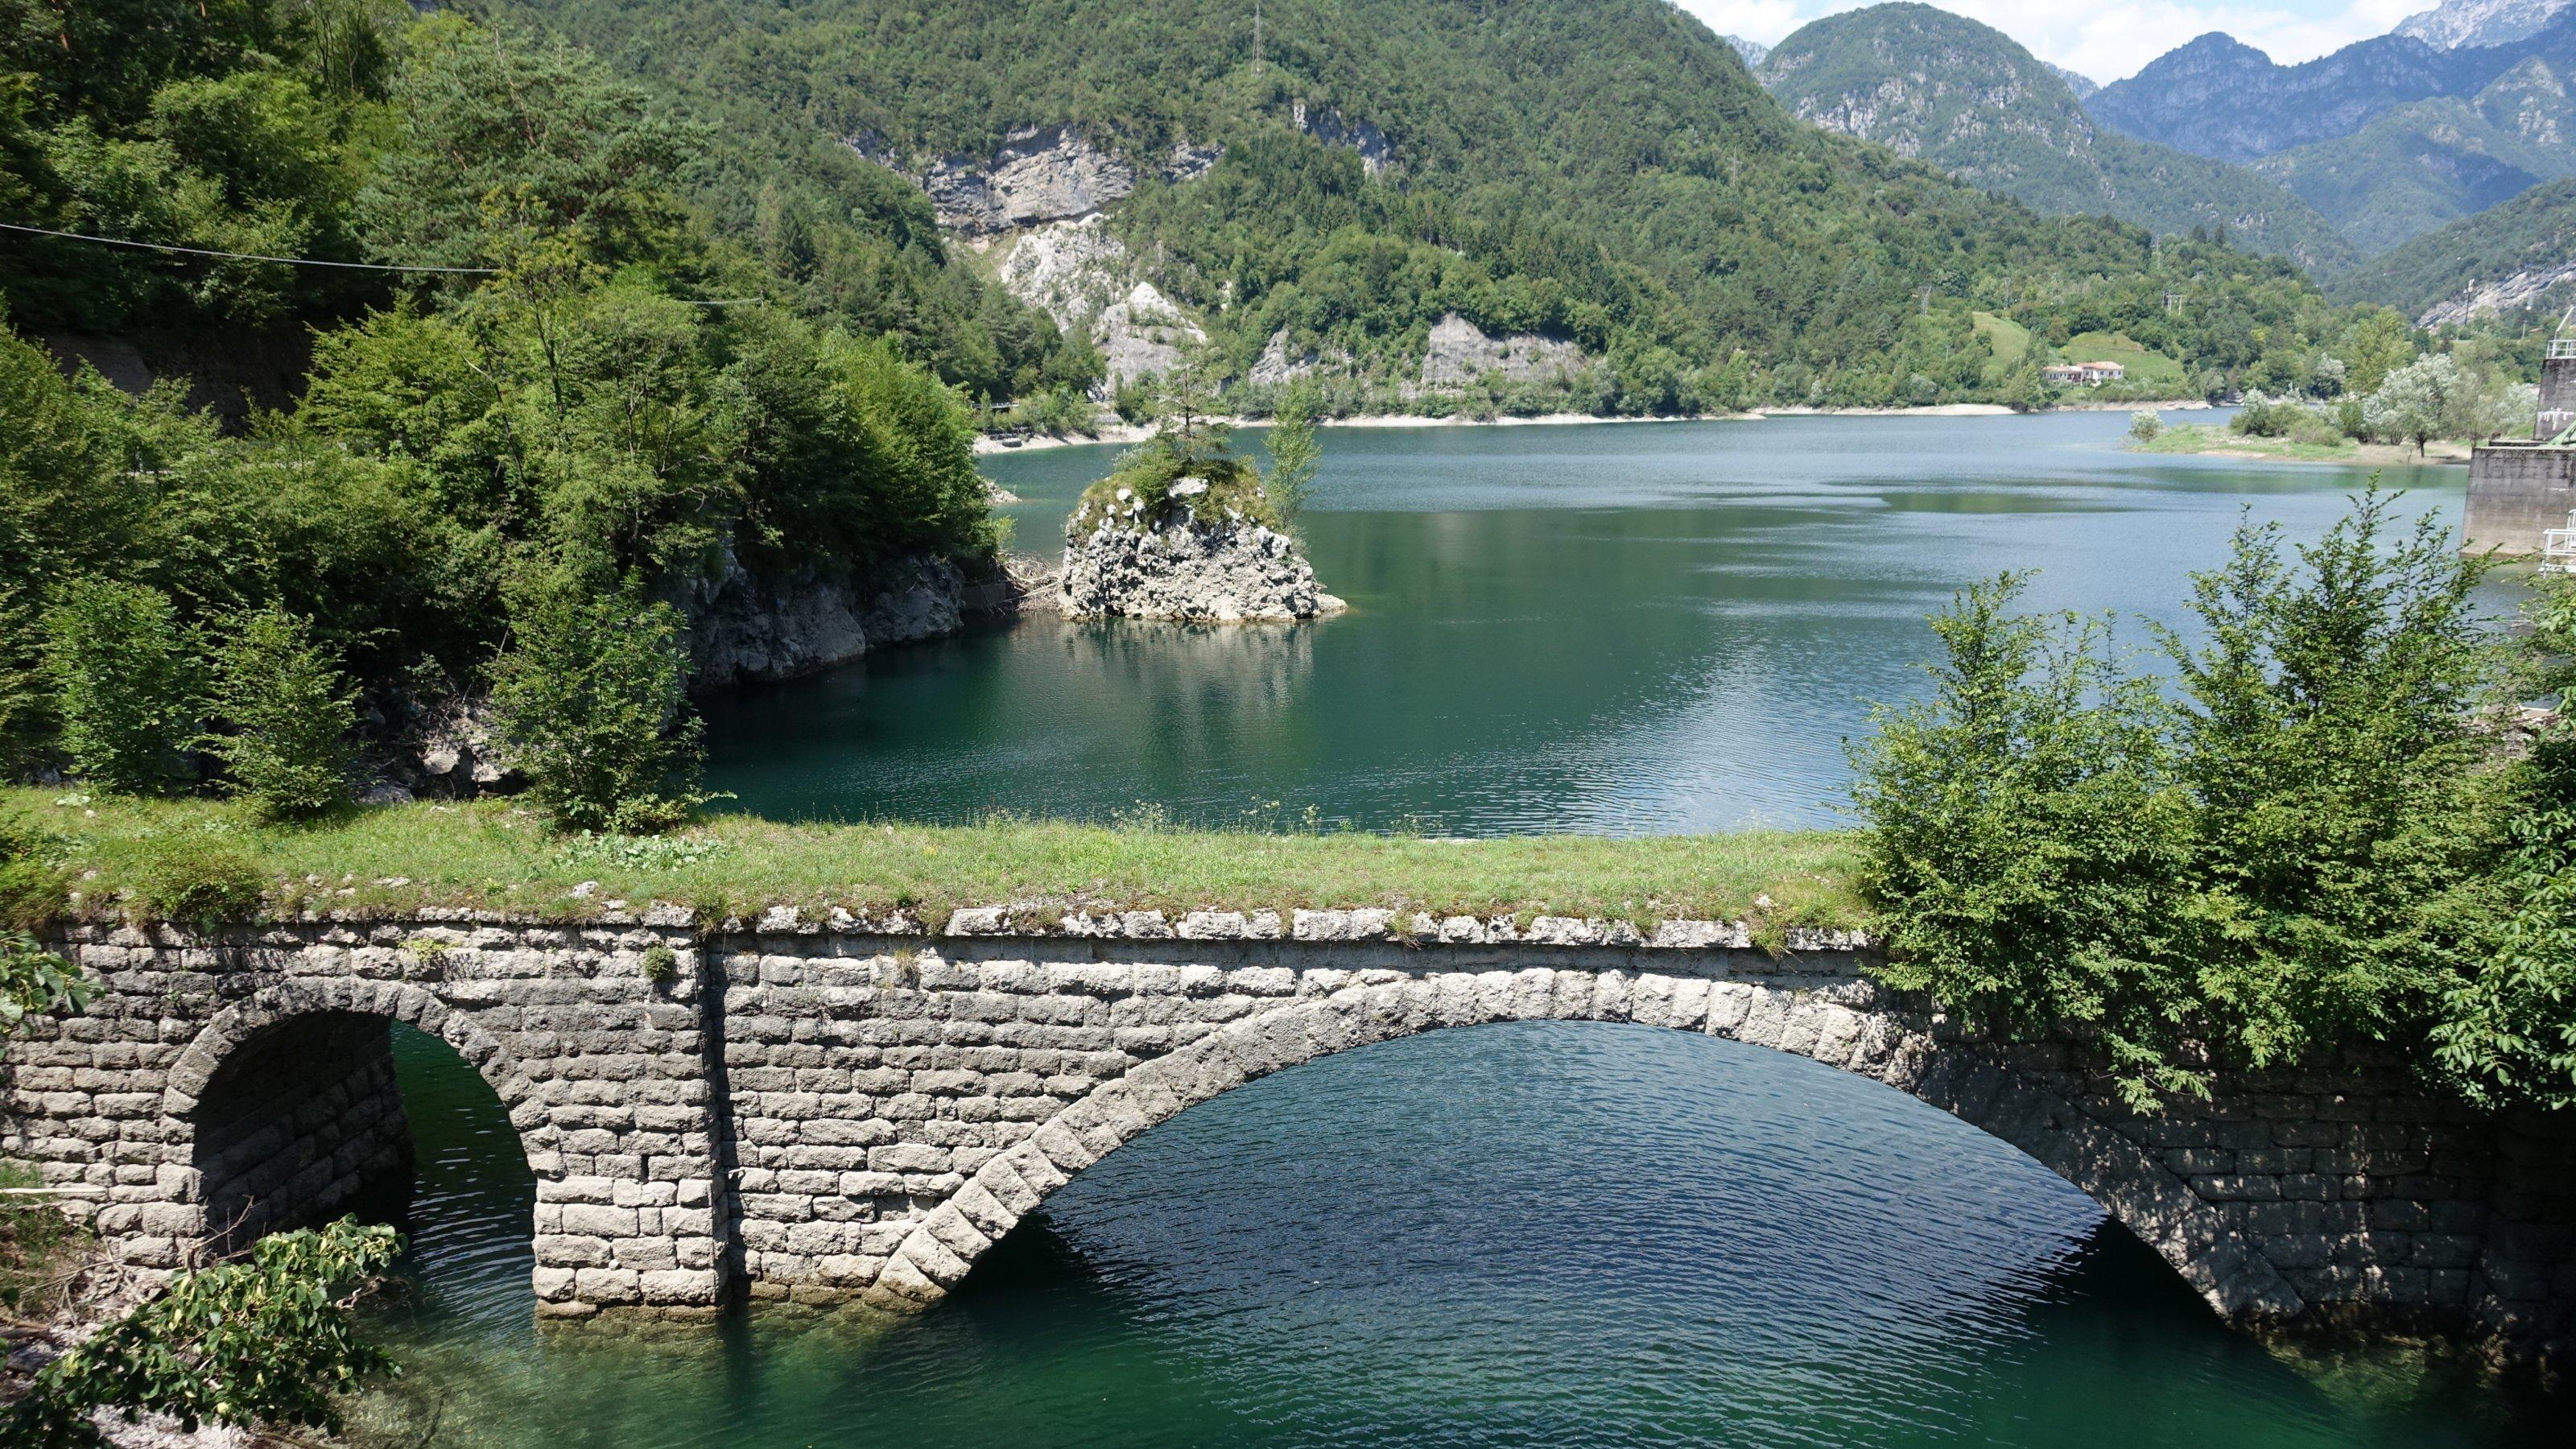 Stausee des Flusses Meduna, dahinter schroffe Berge mit Wald, vorne eine alte Steinbrücke